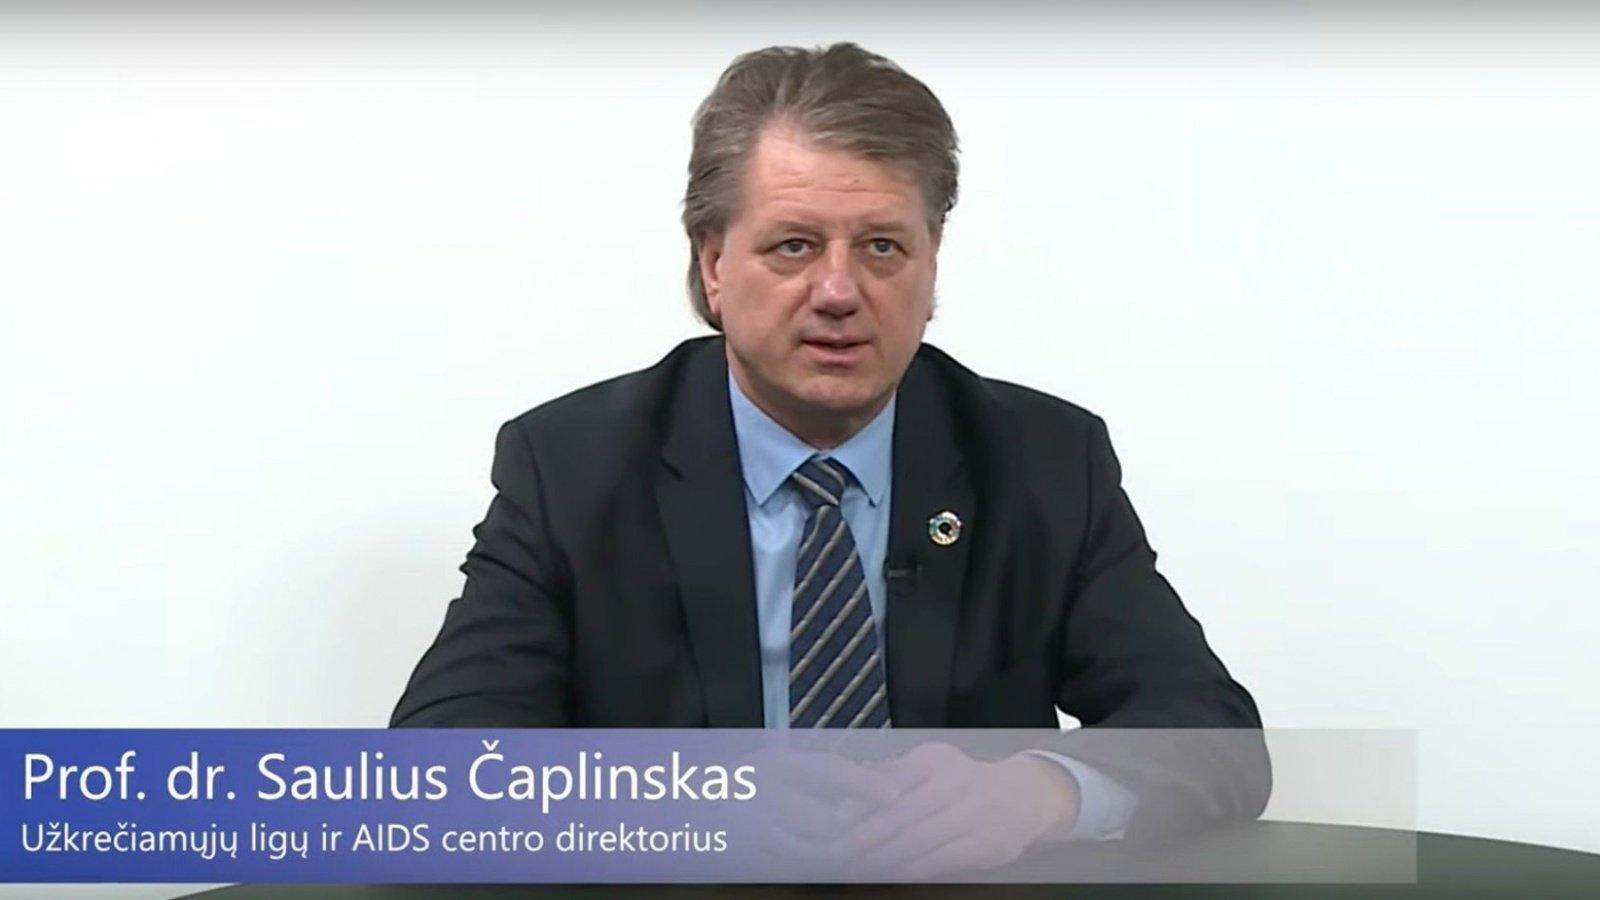 Pasibaigus S. Čaplinsko nedarbingumui, jis atleidžiamas iš ULAC vadovų